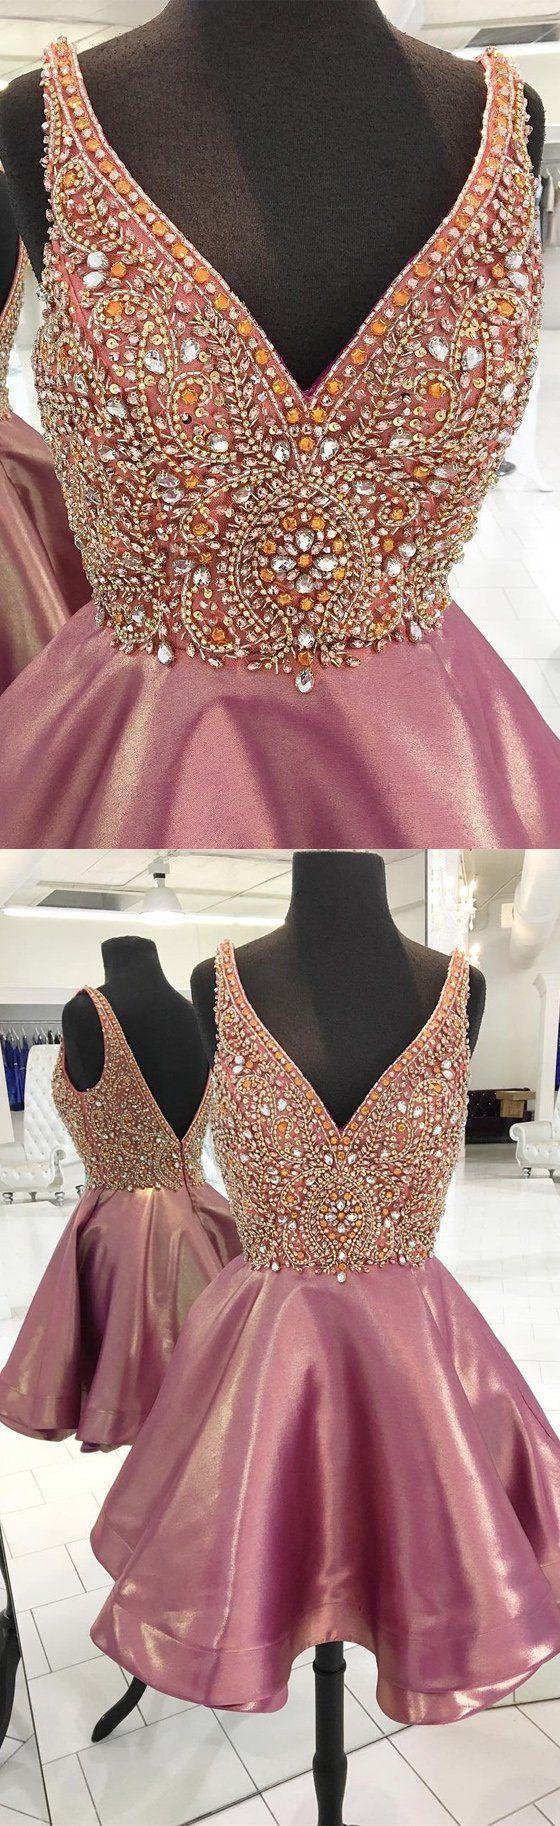 V-neck Rhinestone Beaded Homecoming Dresses, Lovely Homecoming Dresses,